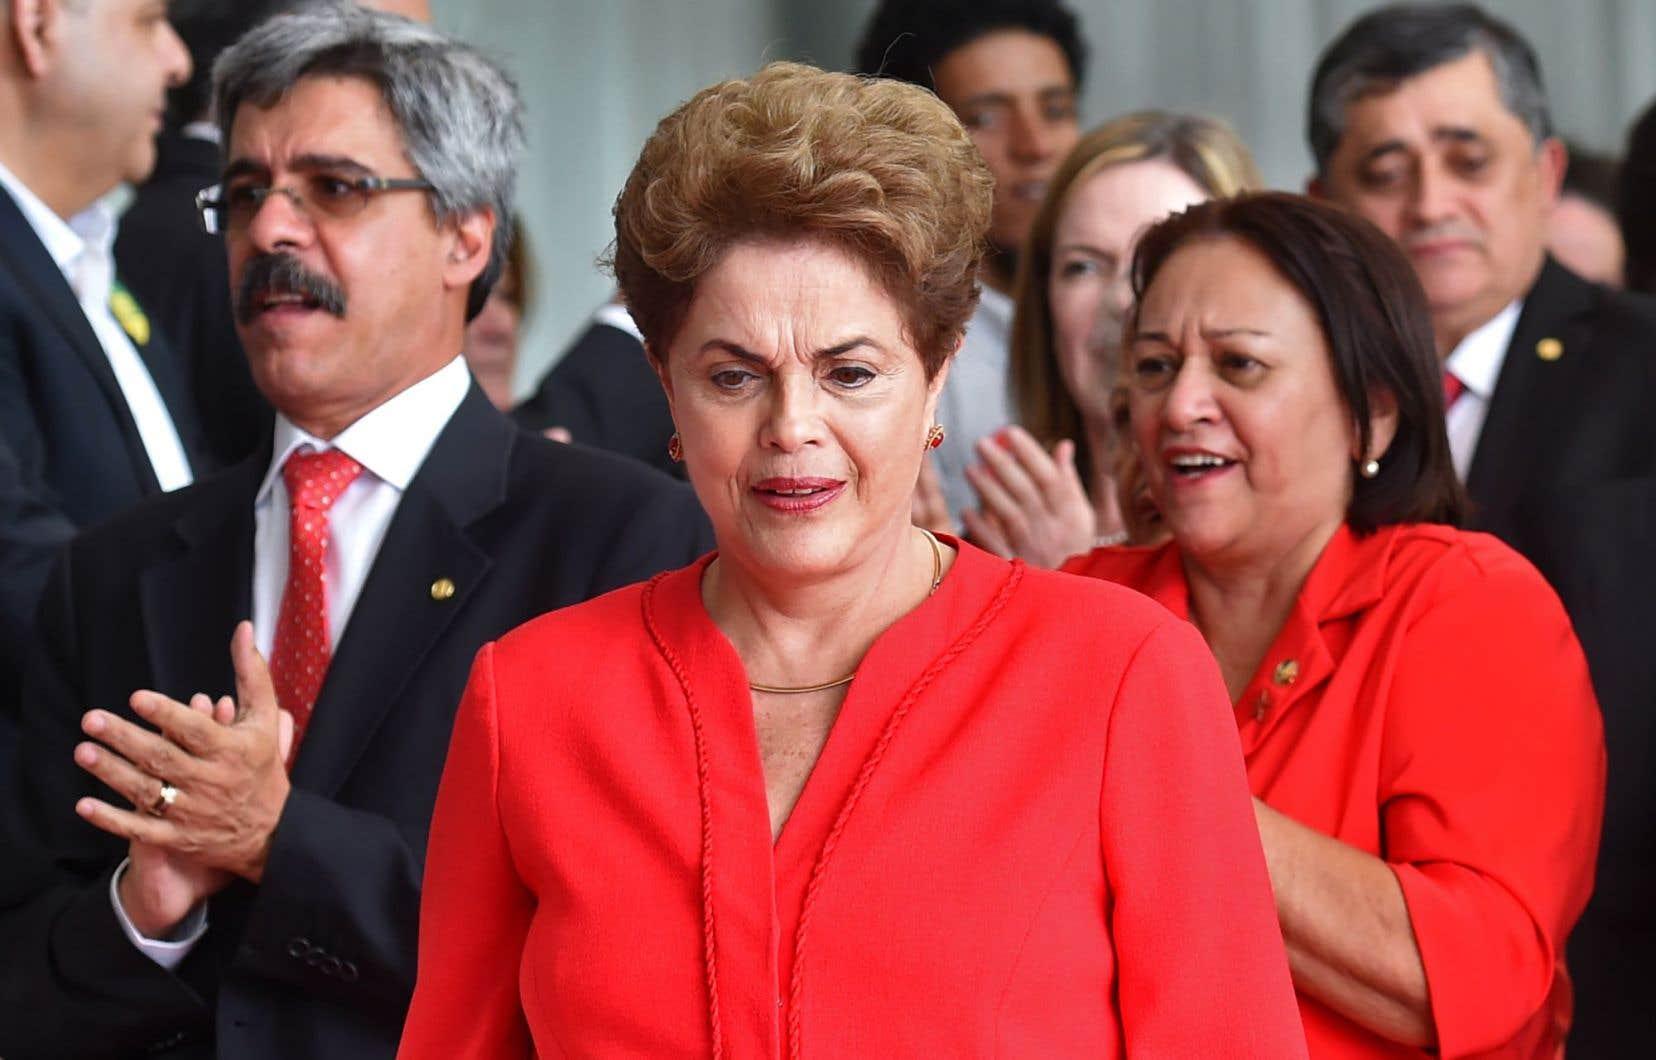 Dilma Rousseff avait réaffirmé son « innocence » et fustigé cette procédure hautement controversée.